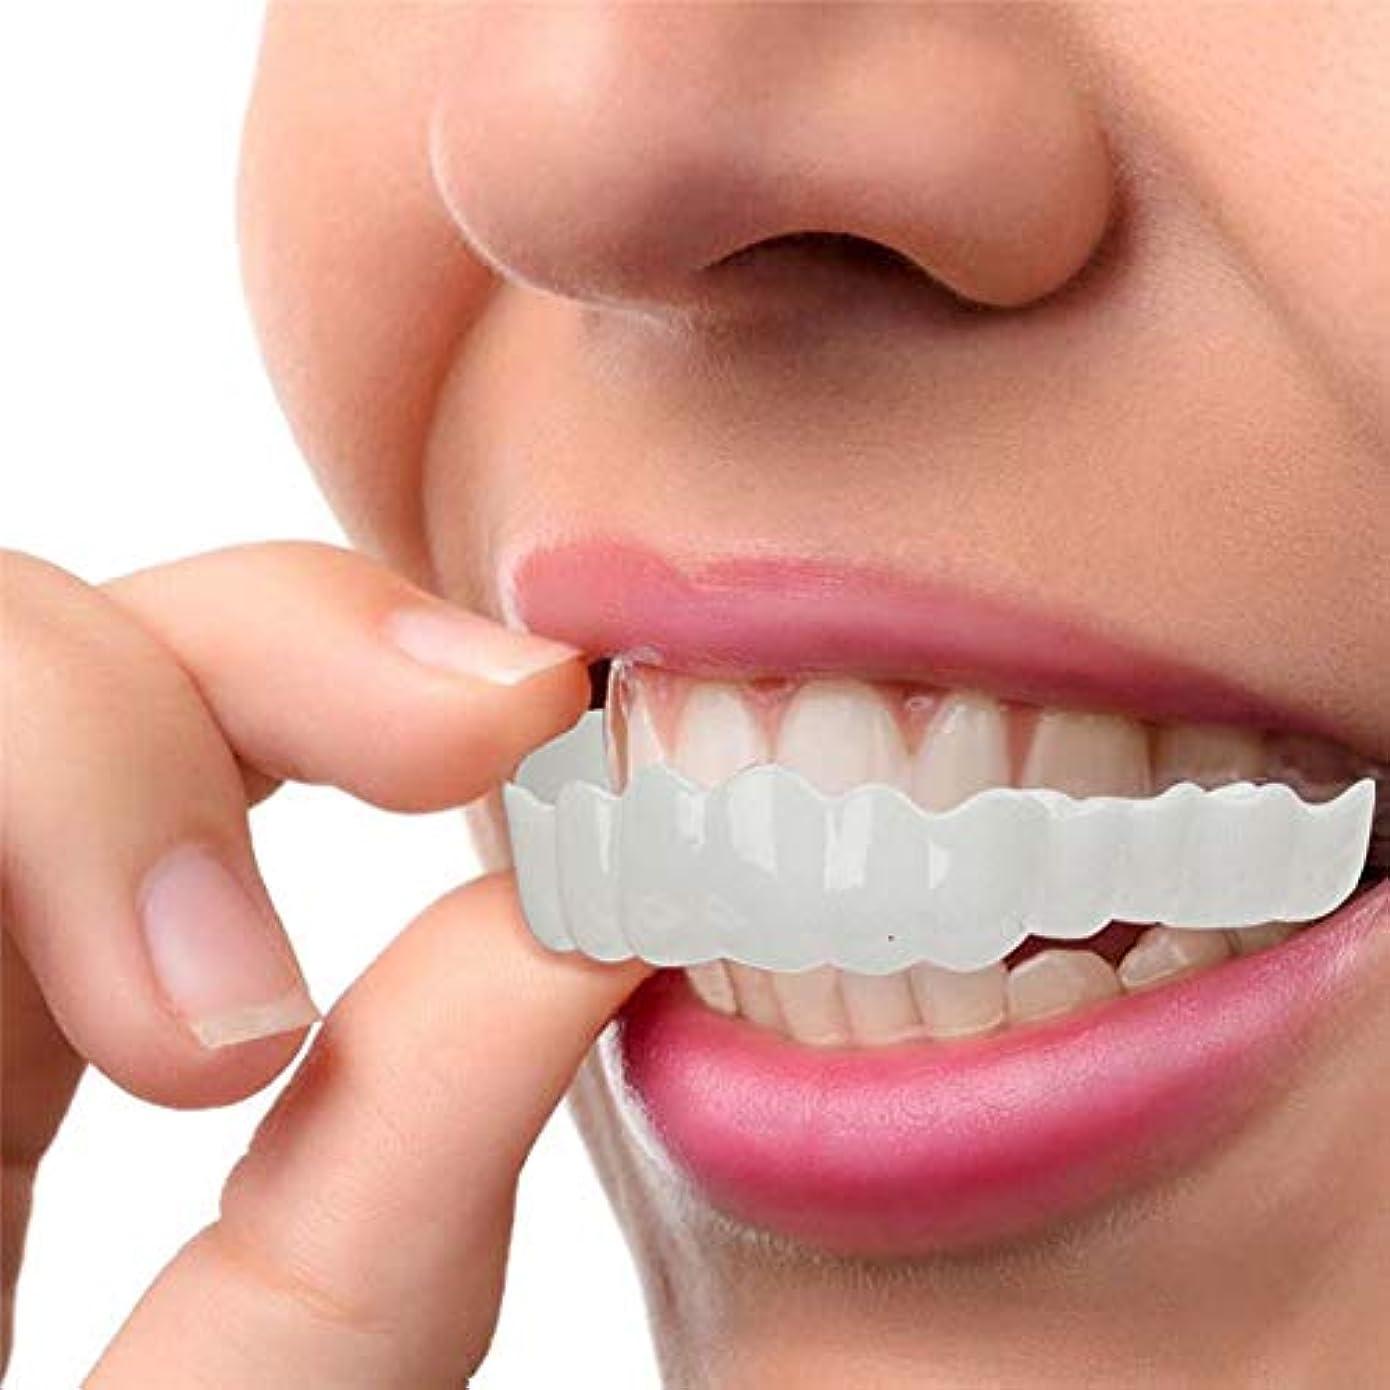 ドレス反応する存在する2セット、白い歯をきれいにするためのコンフォートフィットフレックス歯ソケット、化粧品の歯、スーパーコンフォート、コンフォートフィット